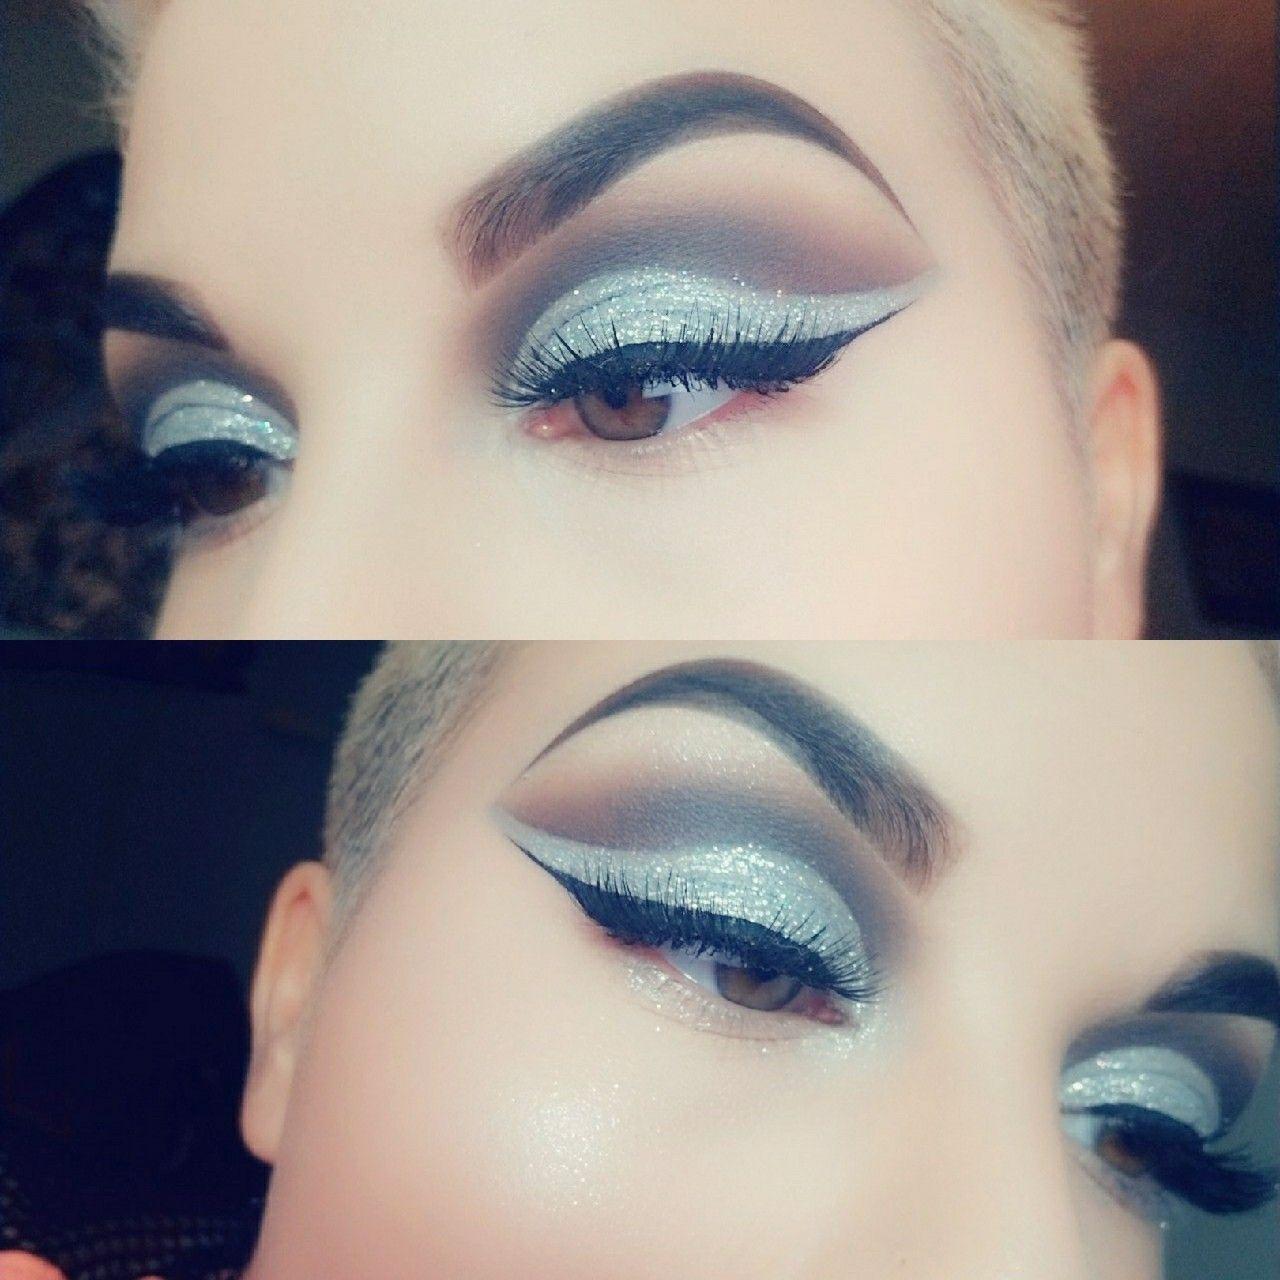 Pin on wakeup and makeup